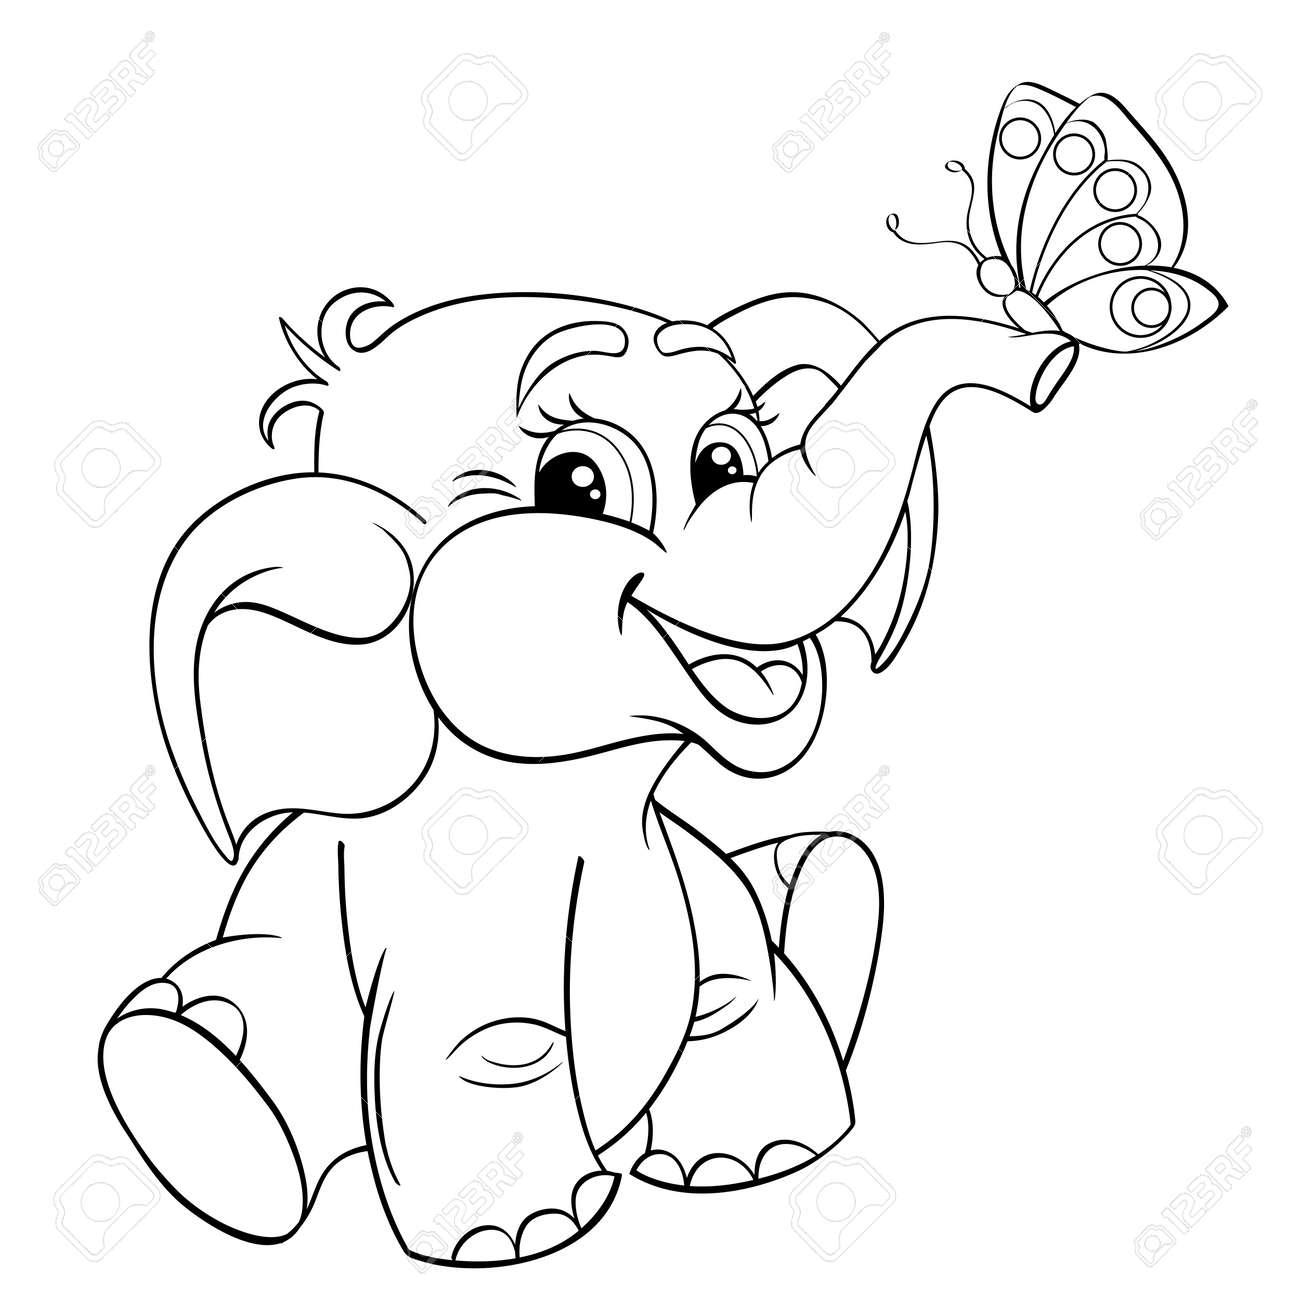 Coloriage Bebe Elephant.Drole Bebe Elephant De Bande Dessinee Avec Le Papillon Noir Et